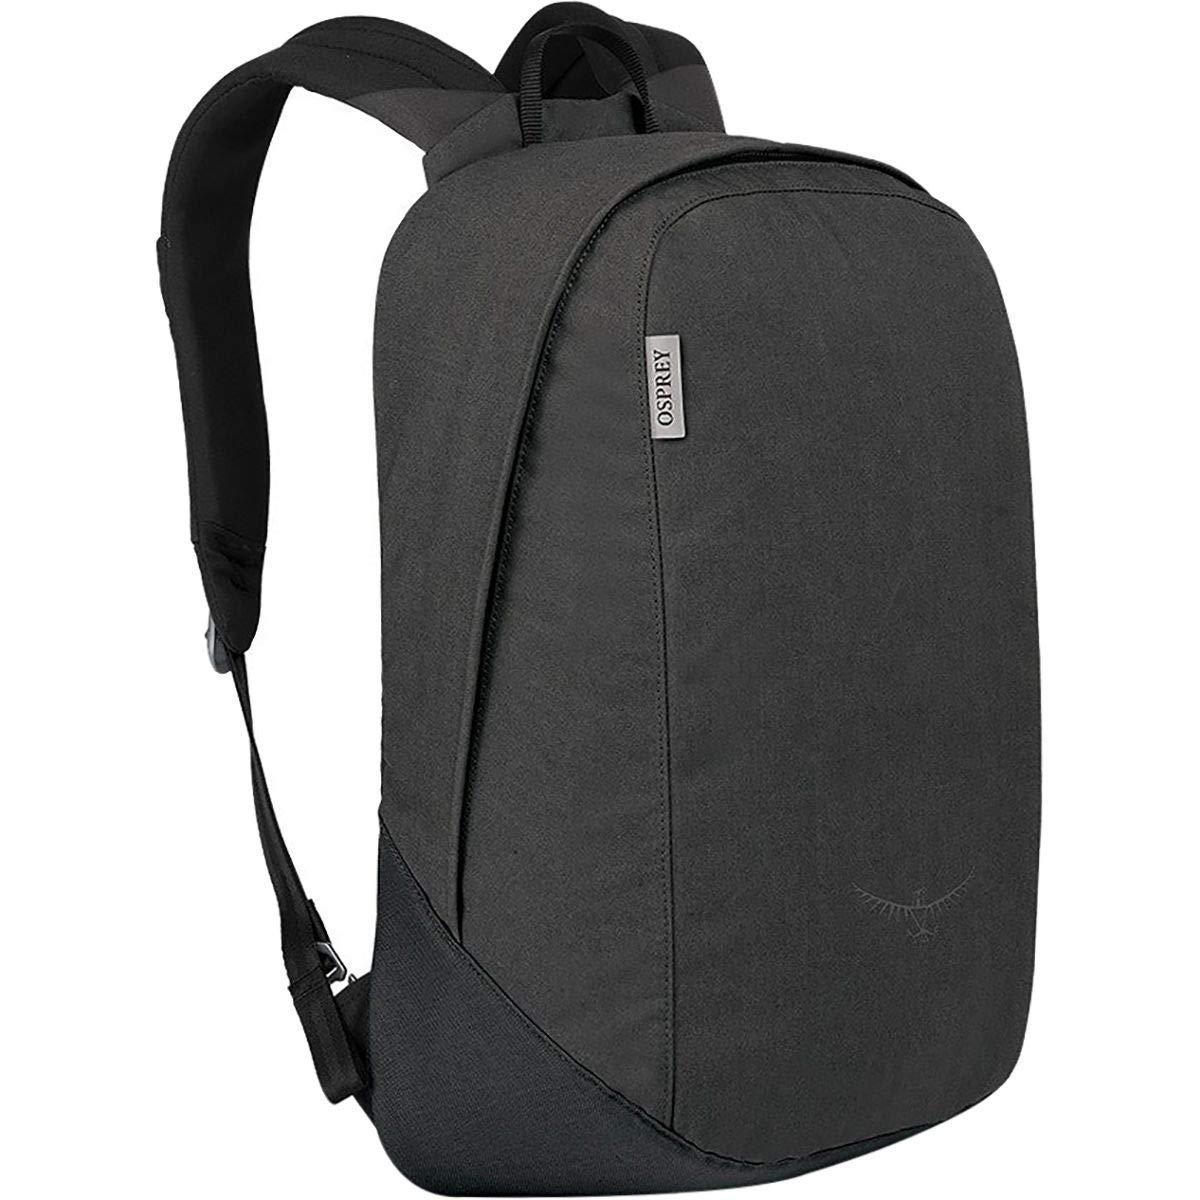 [オスプレーパック] メンズ バックパックリュックサック Arcane Large 20L Day Backpack [並行輸入品] B07HNXJ5PC  No-Size